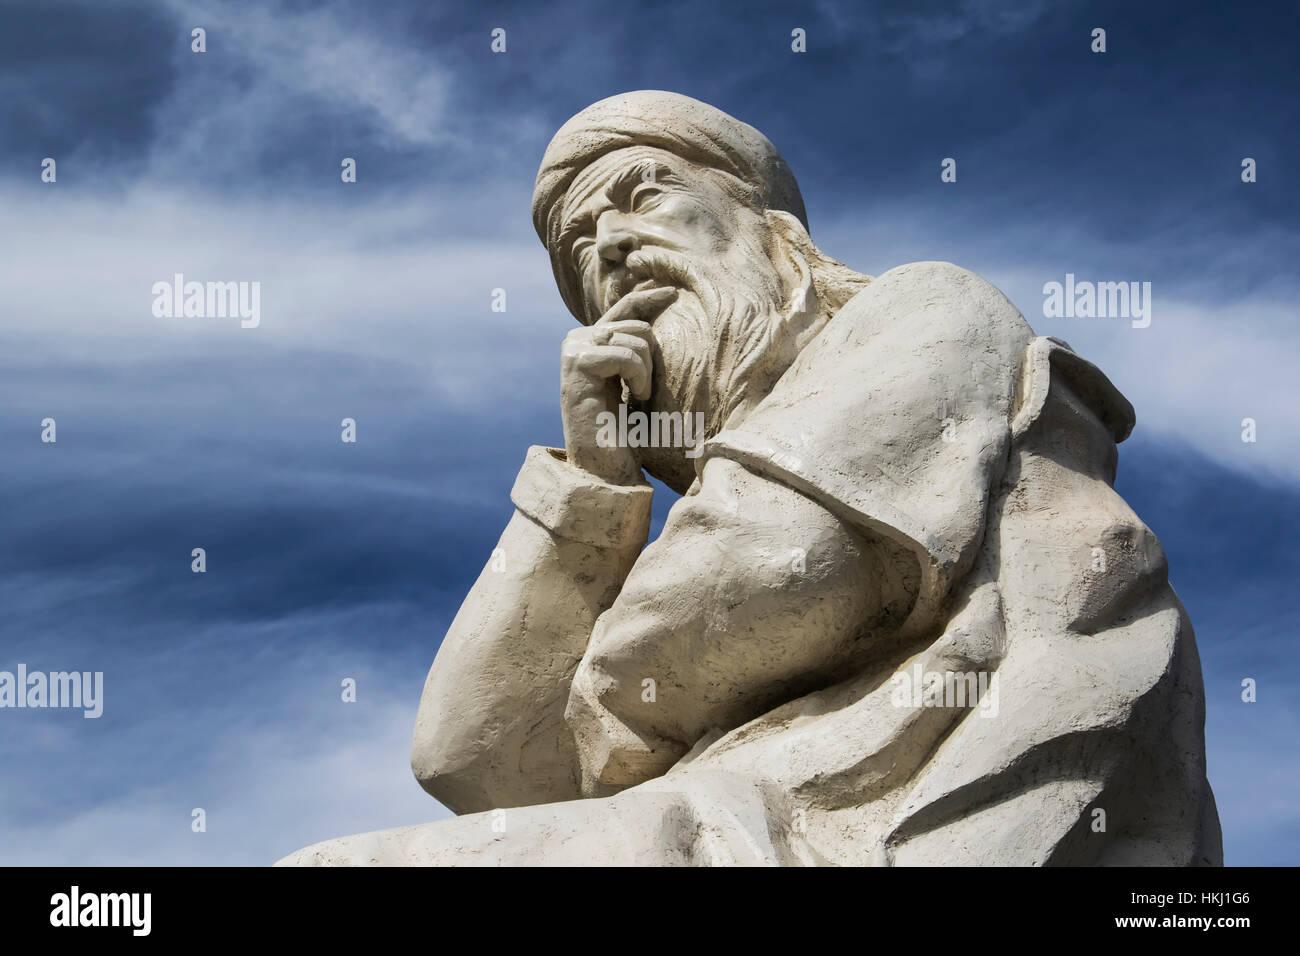 Statue of Sheikh Safi al-din Ardabili; Ardabil, Iran - Stock Image